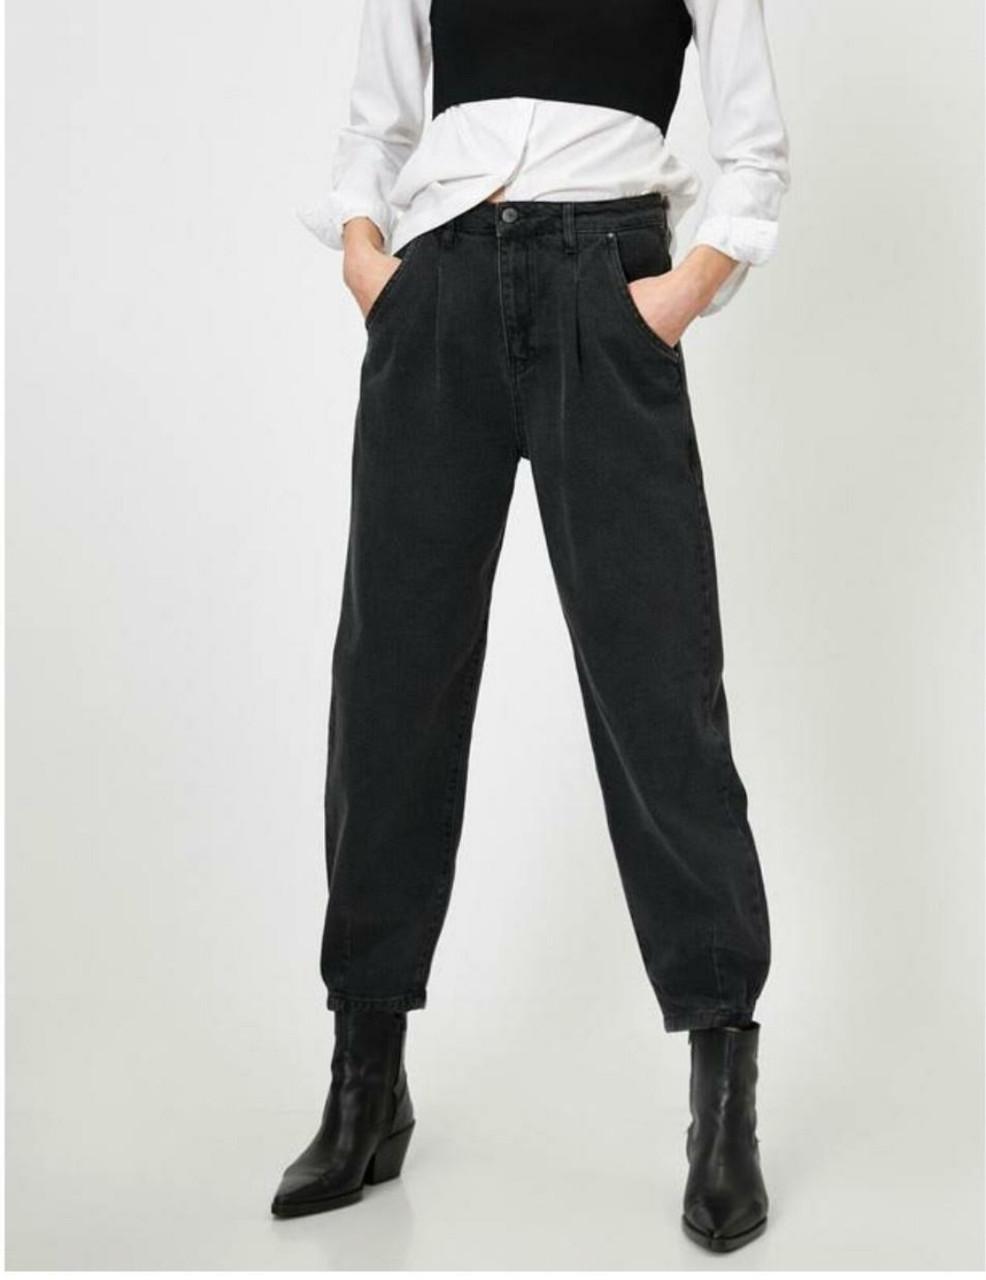 Повседневные джинсы баллоны стрейч норма (26-31)